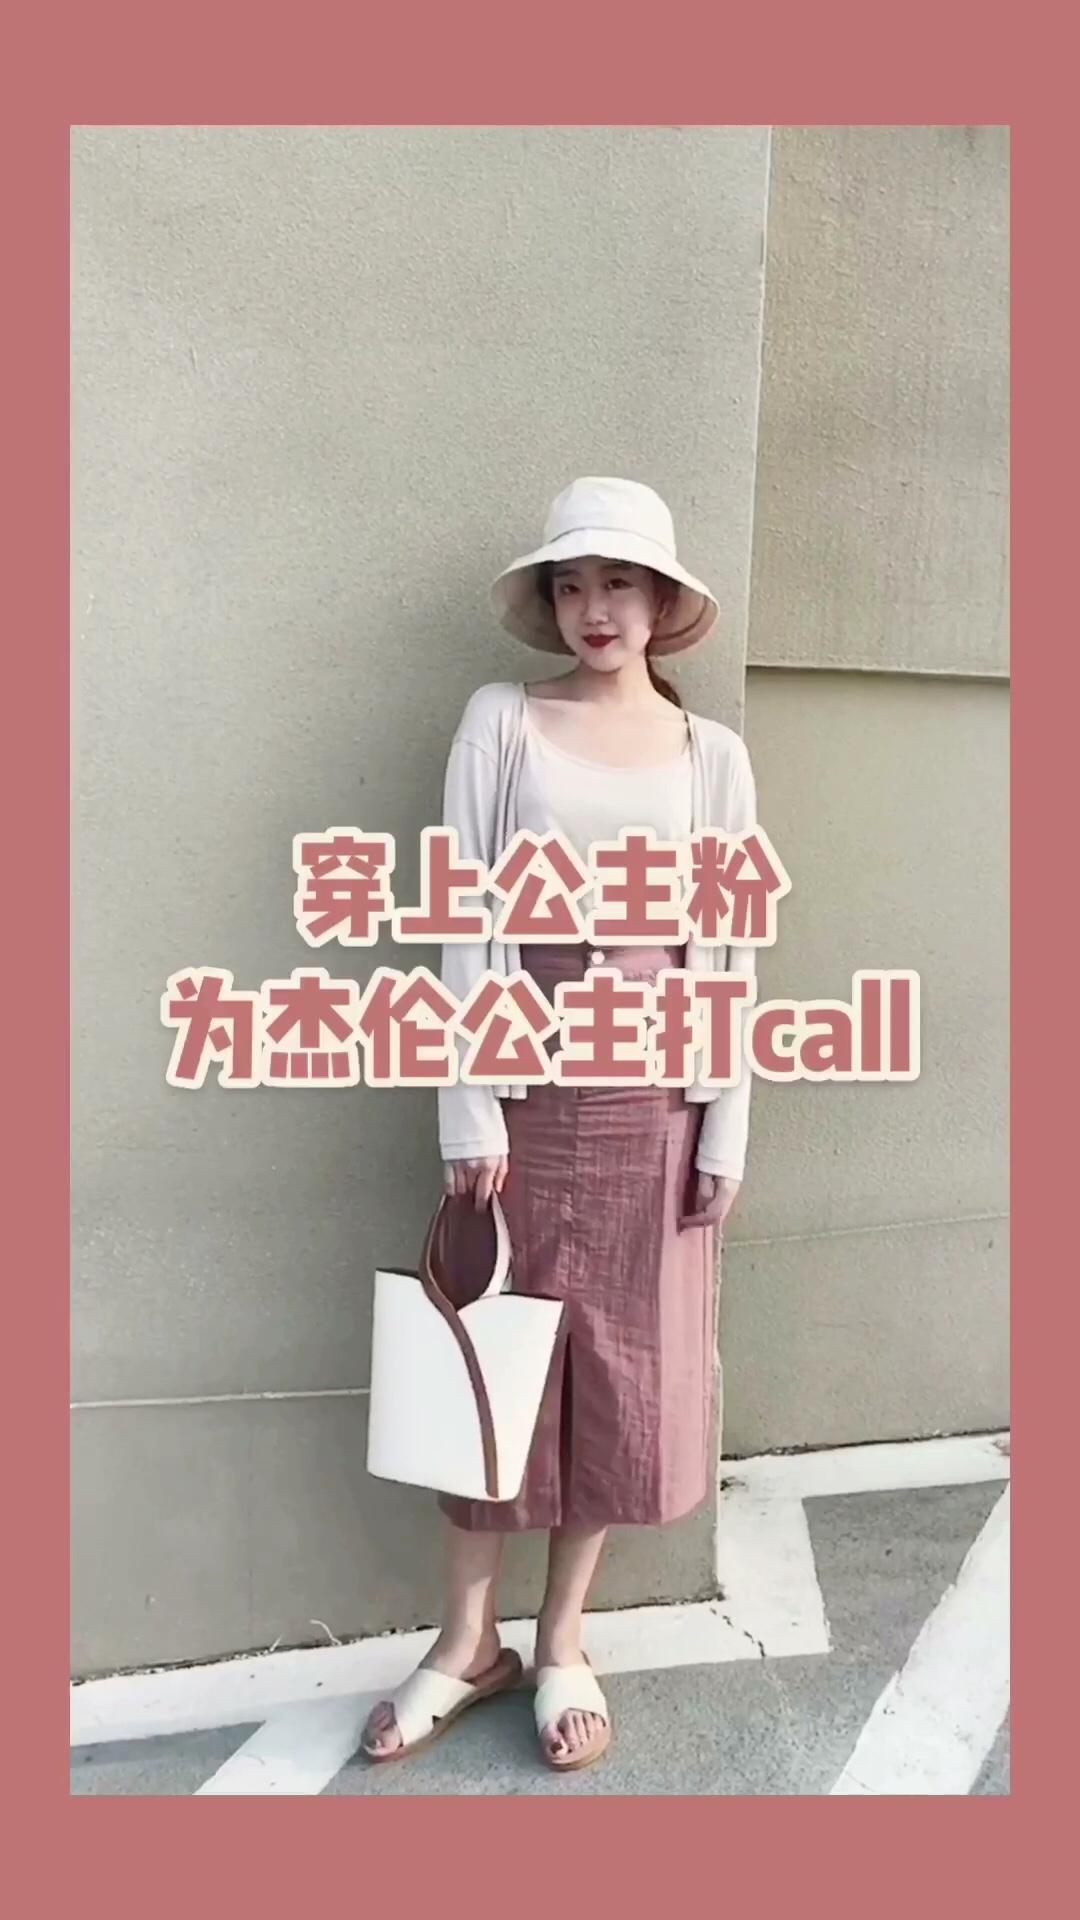 #穿上公主粉,为杰伦公举打call!# 每日穿搭 深深浅浅的粉色叠搭也太好看啦 半裙的颜色尤其温柔 帽子和包包都选择了米色 更有气质哇